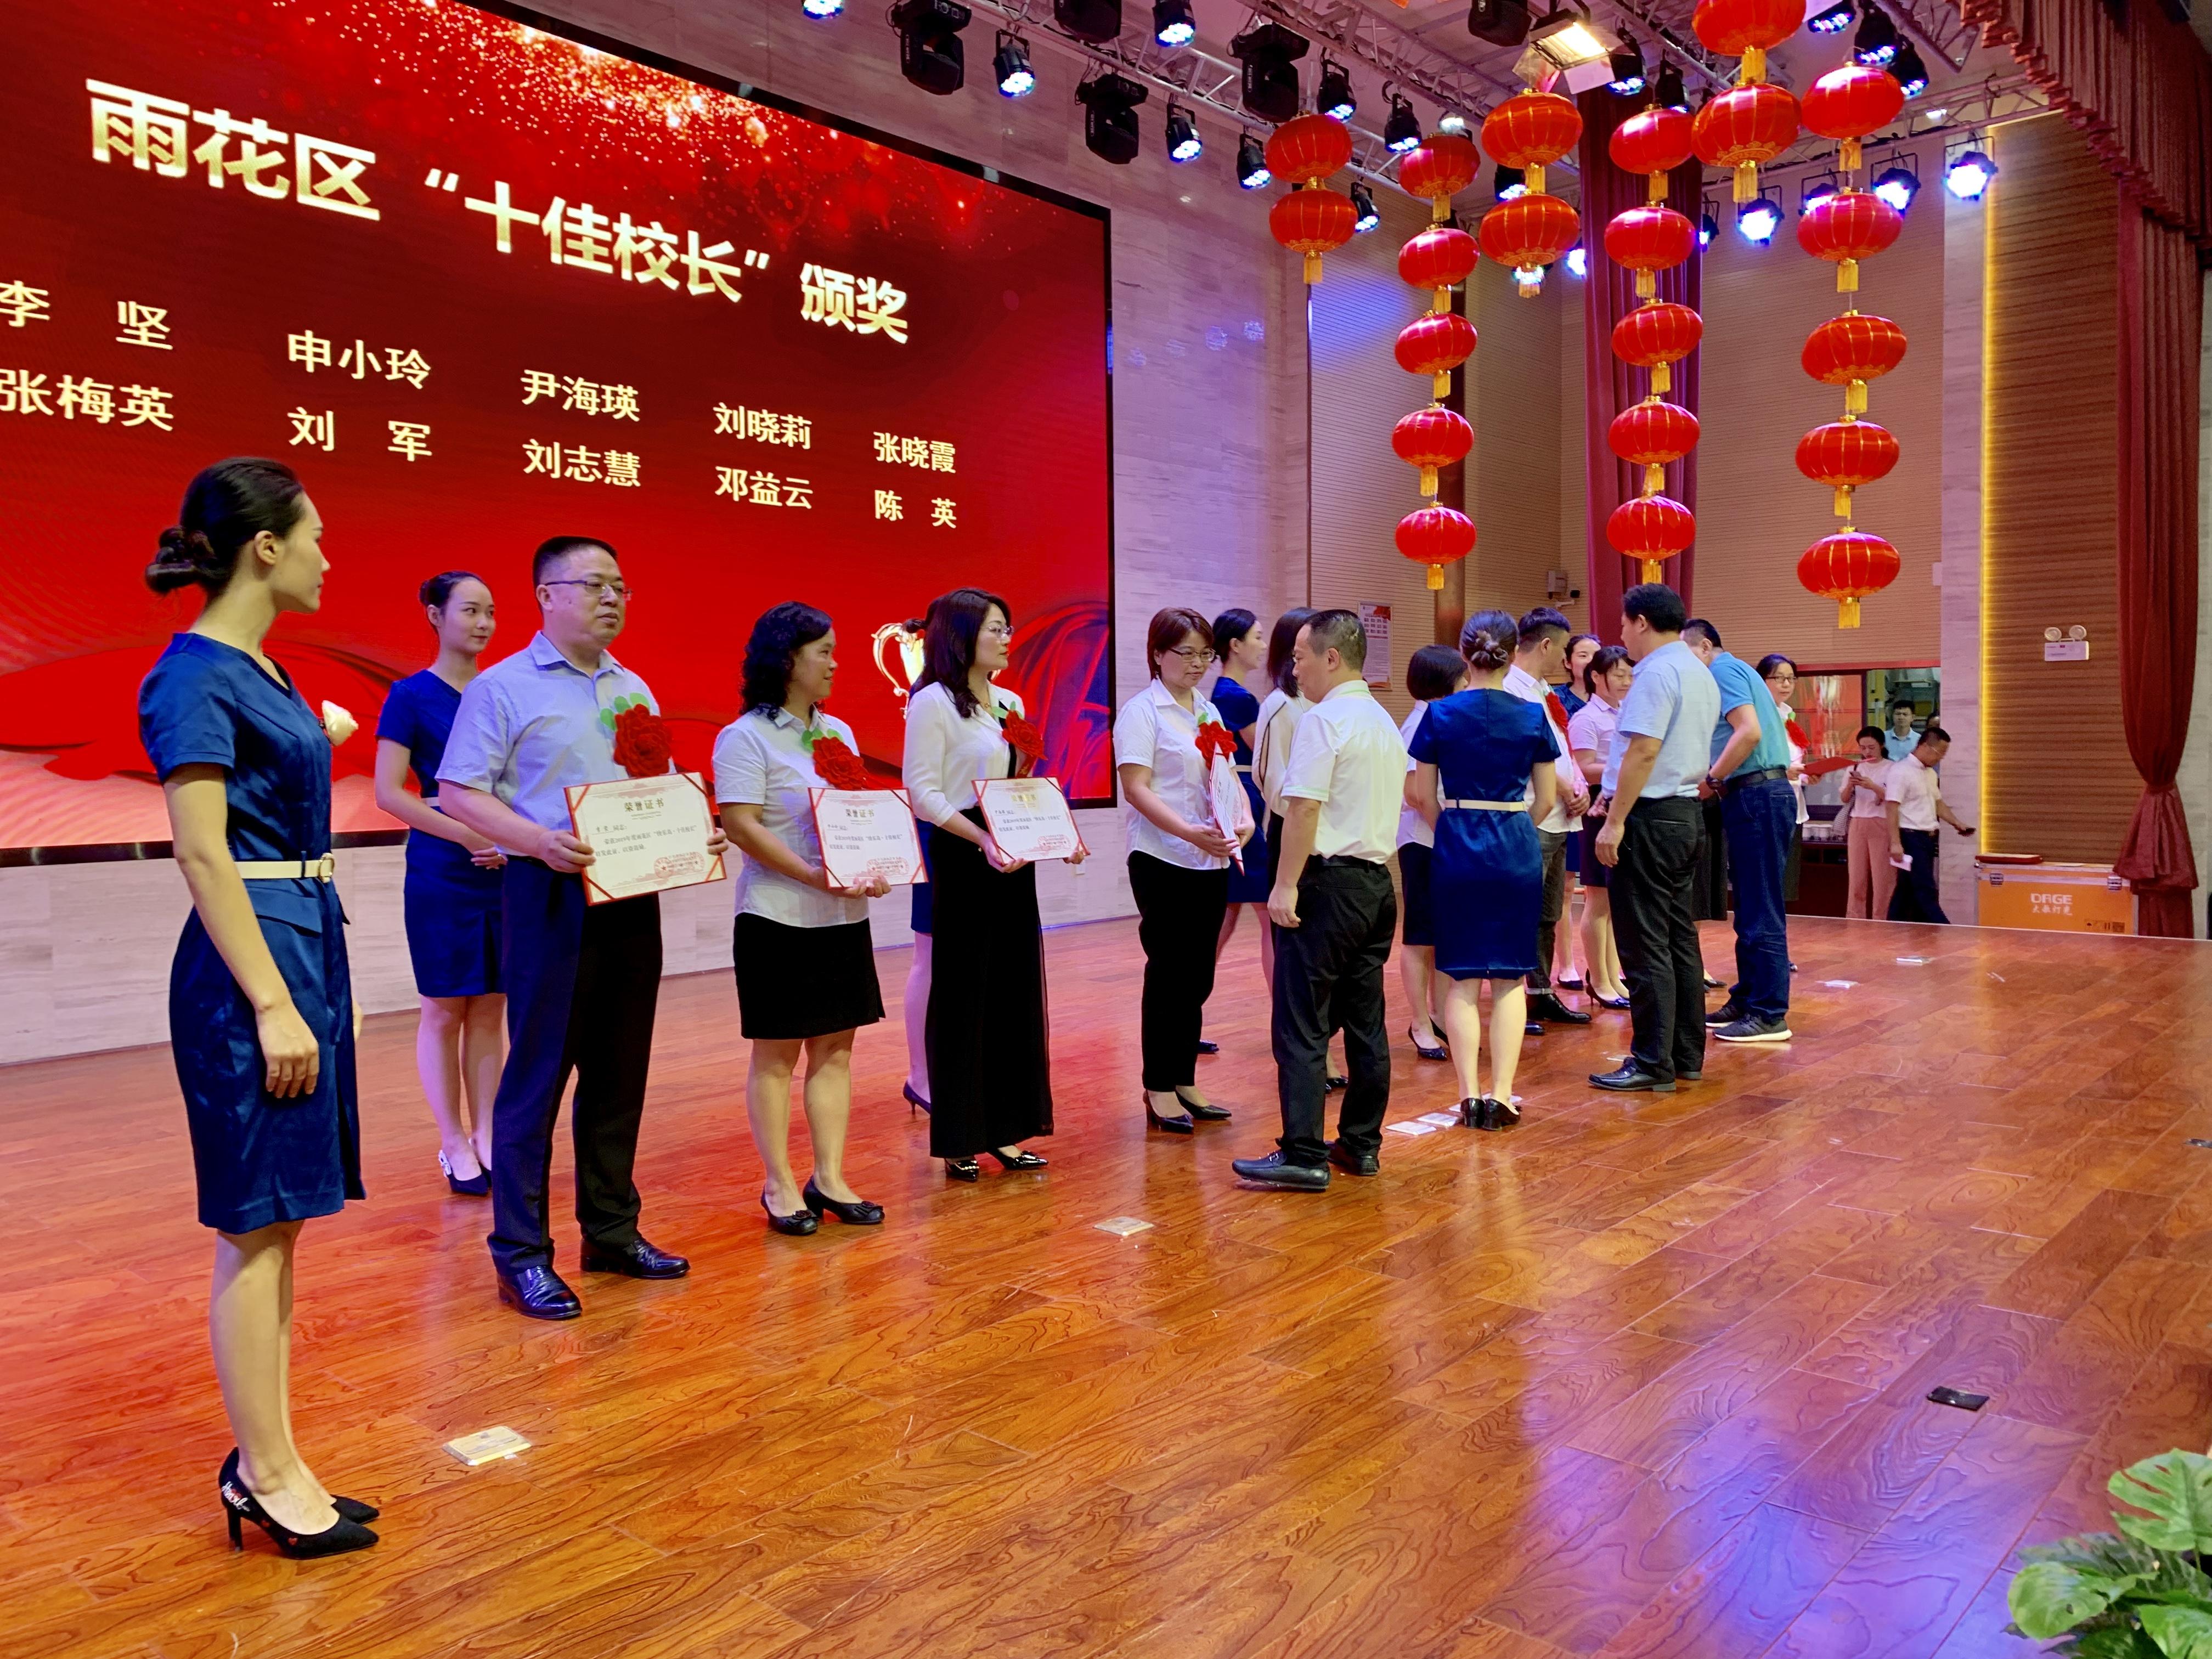 400万元重奖优秀教师!湘江新区爱心企业运动公益计划将惠及万名中小学生